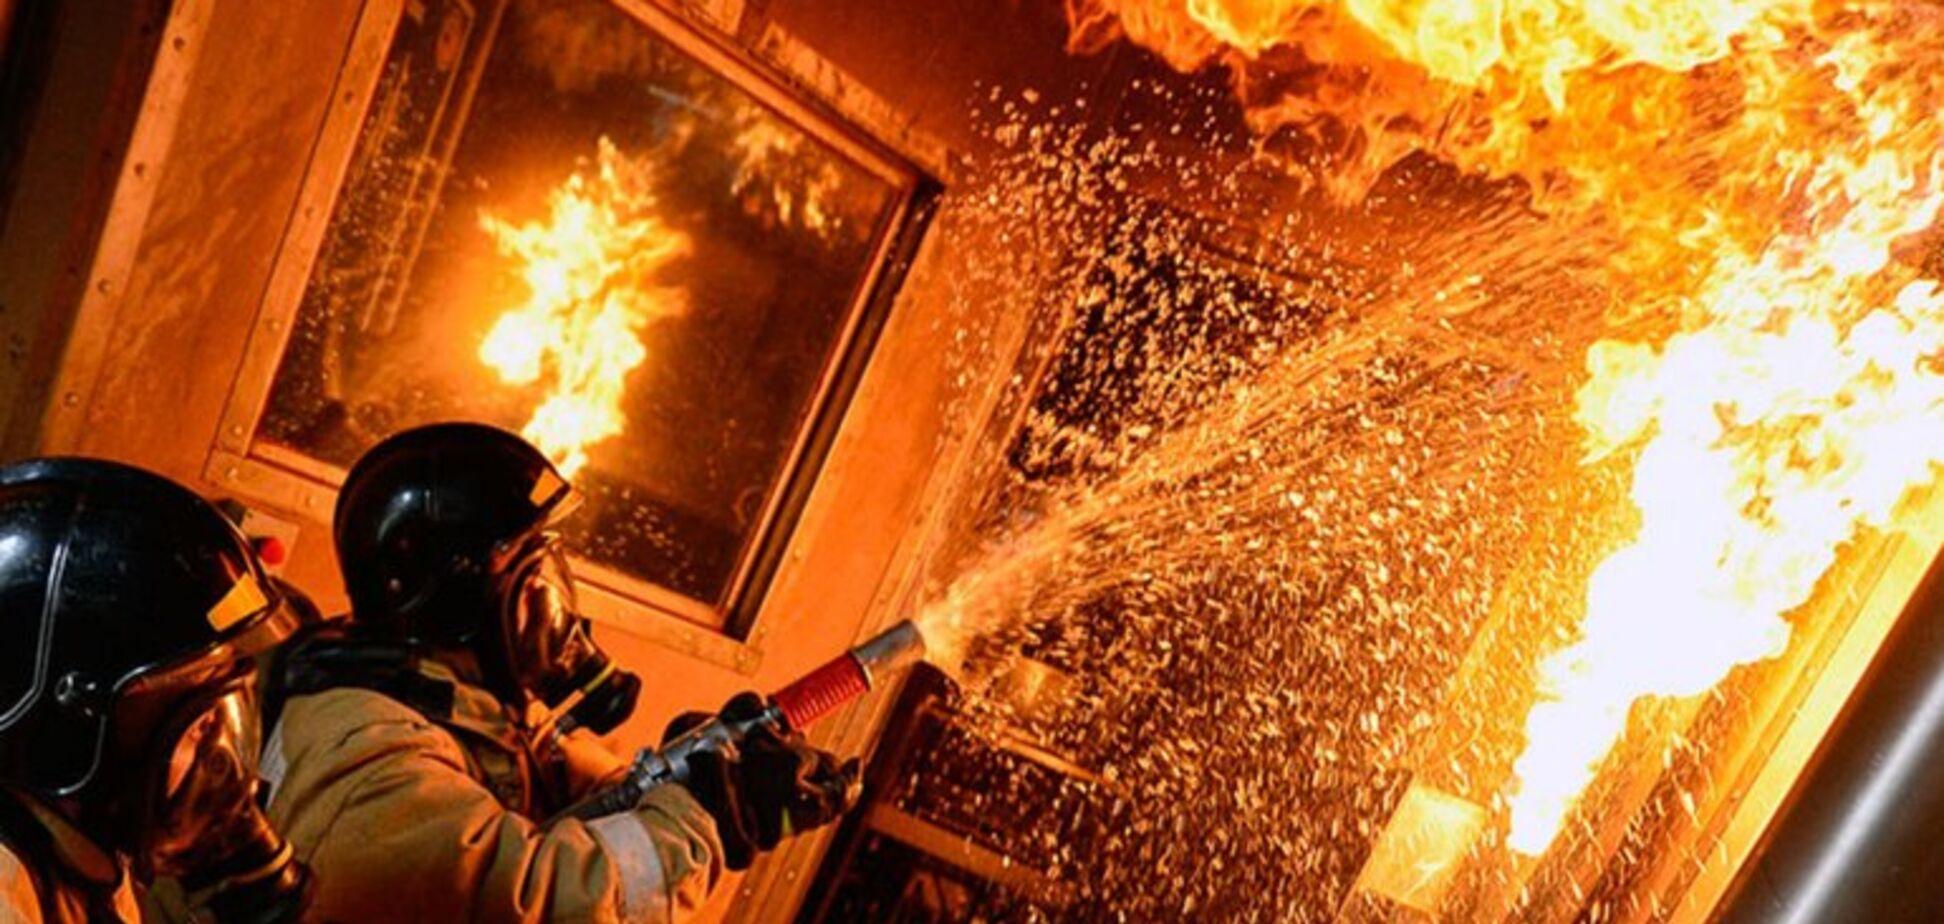 В Кривом Роге пожар унес жизнь мужчины: подробности ЧП